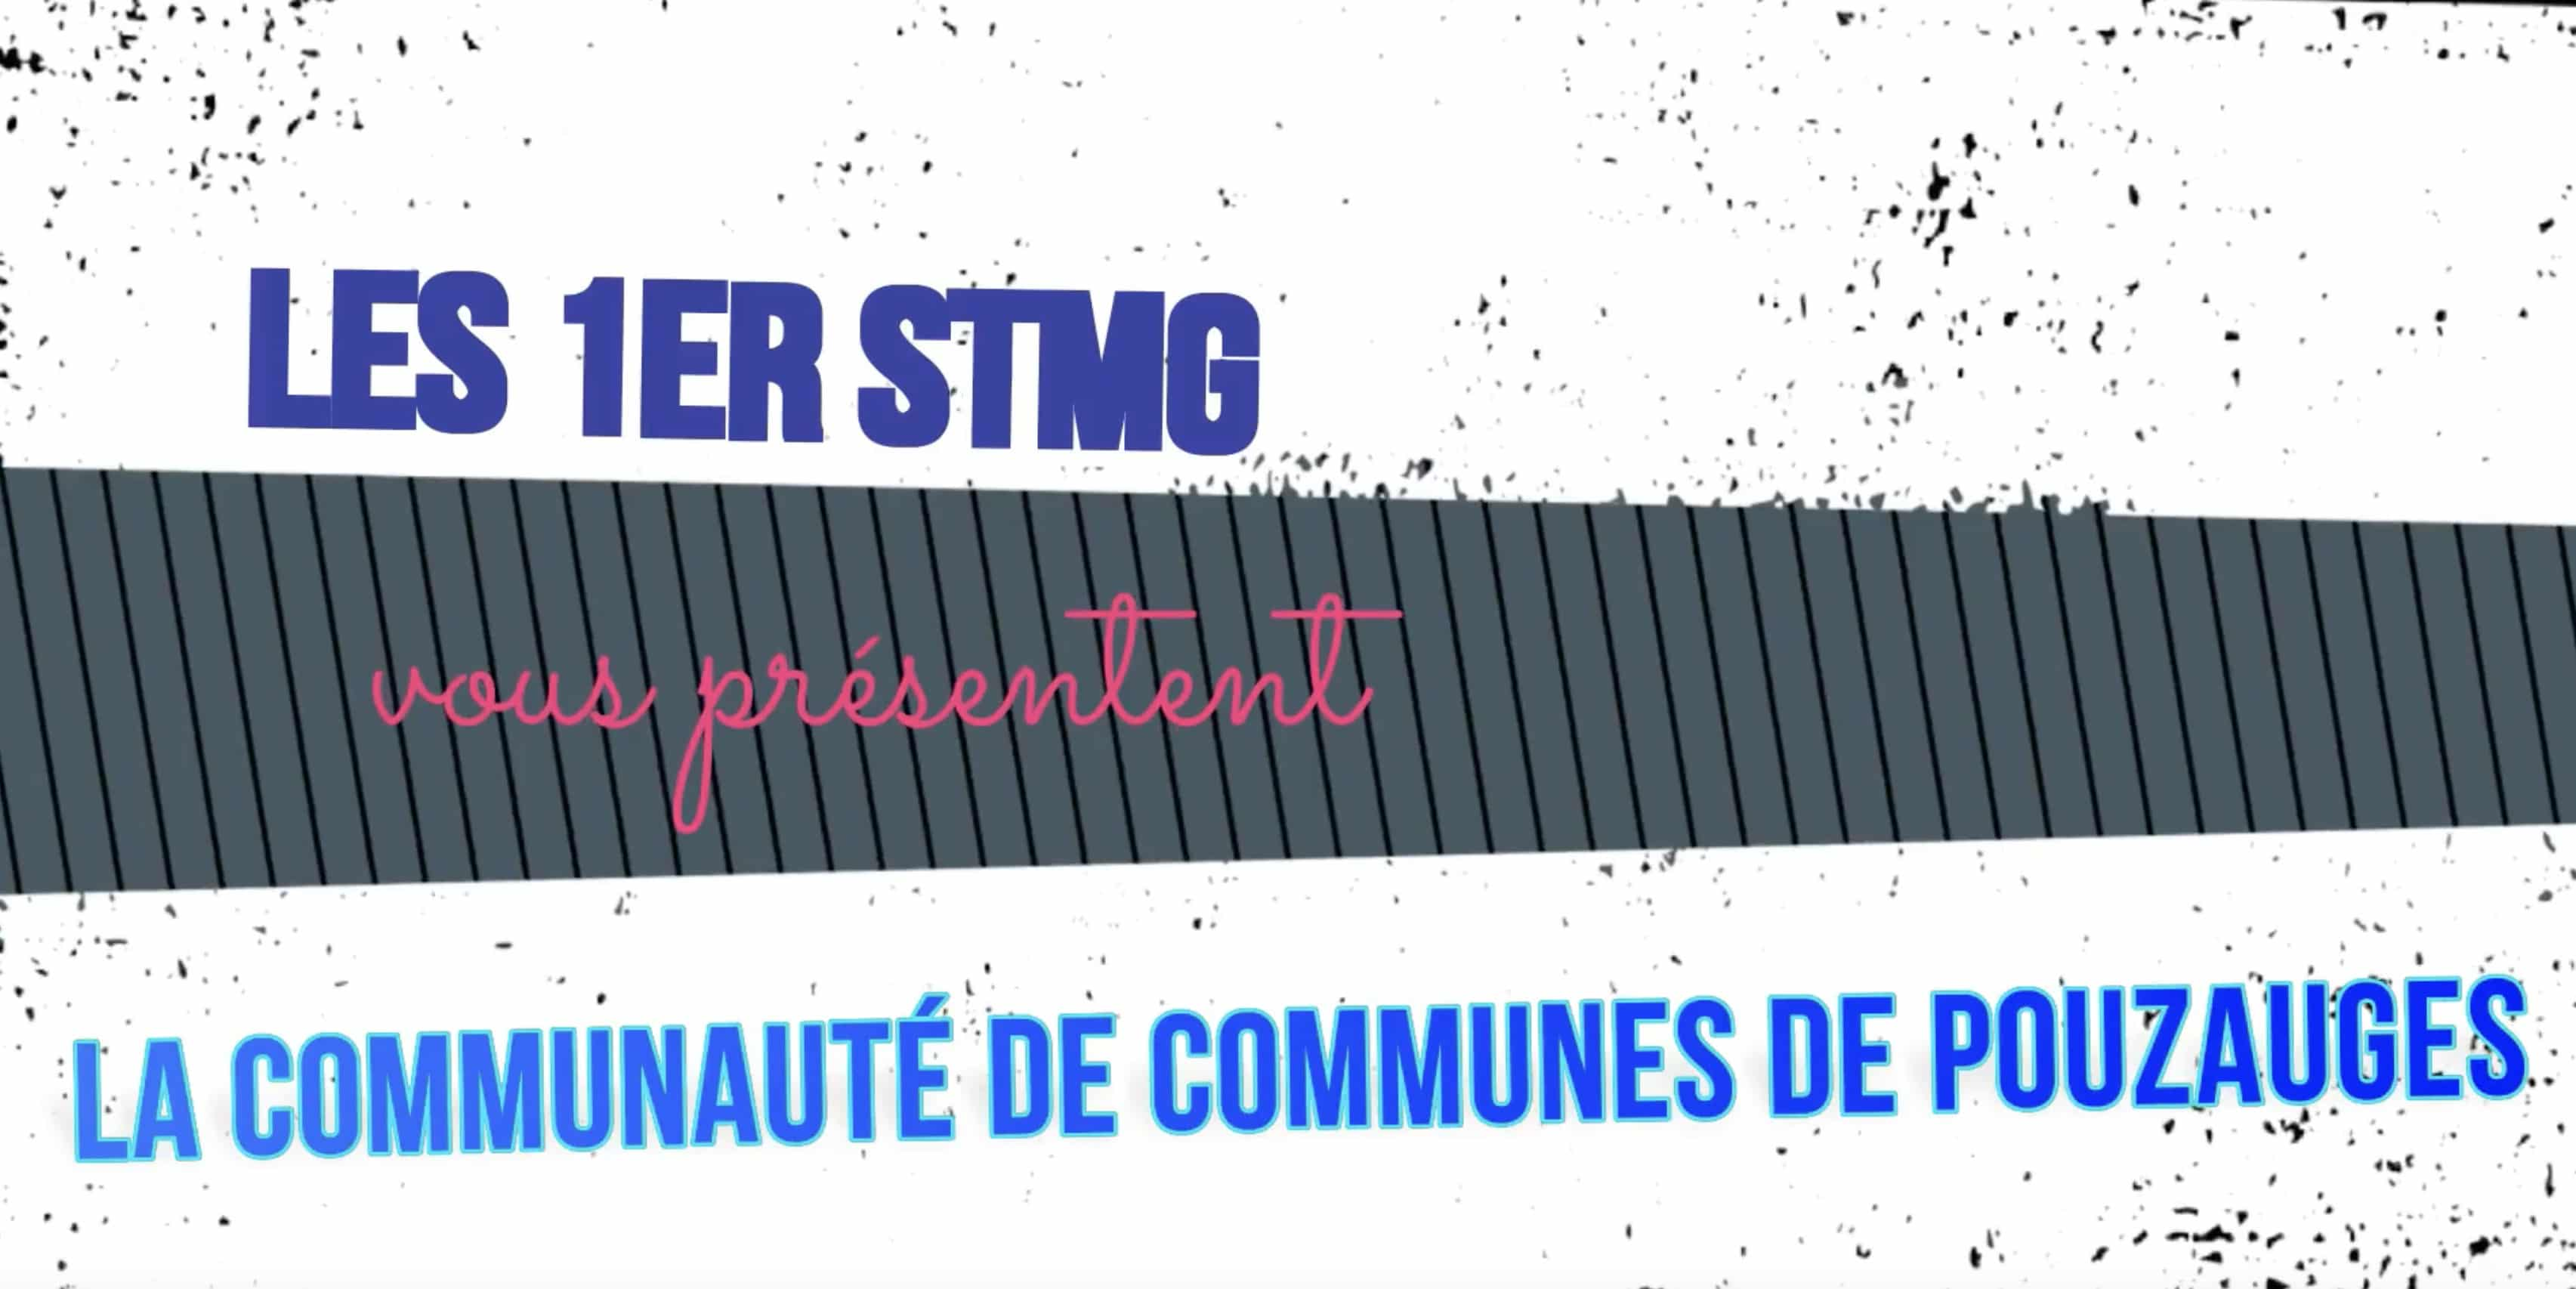 Les 1re STMG réalisent un reportage sur la communauté de communes de Pouzauges